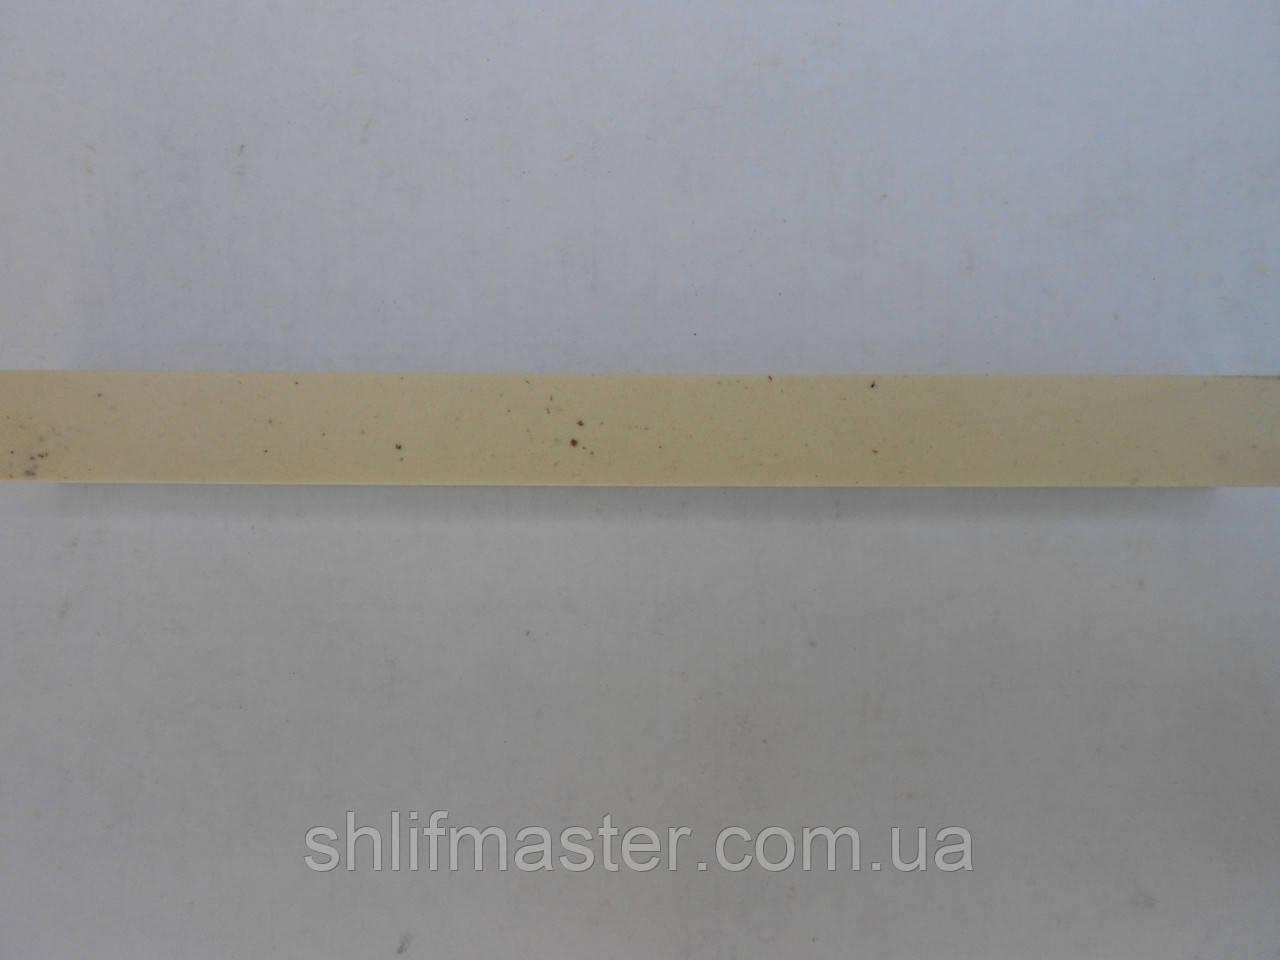 Брусок заточной абразивный 25А (электрокорунд белый) 120х10х8 5 СТ